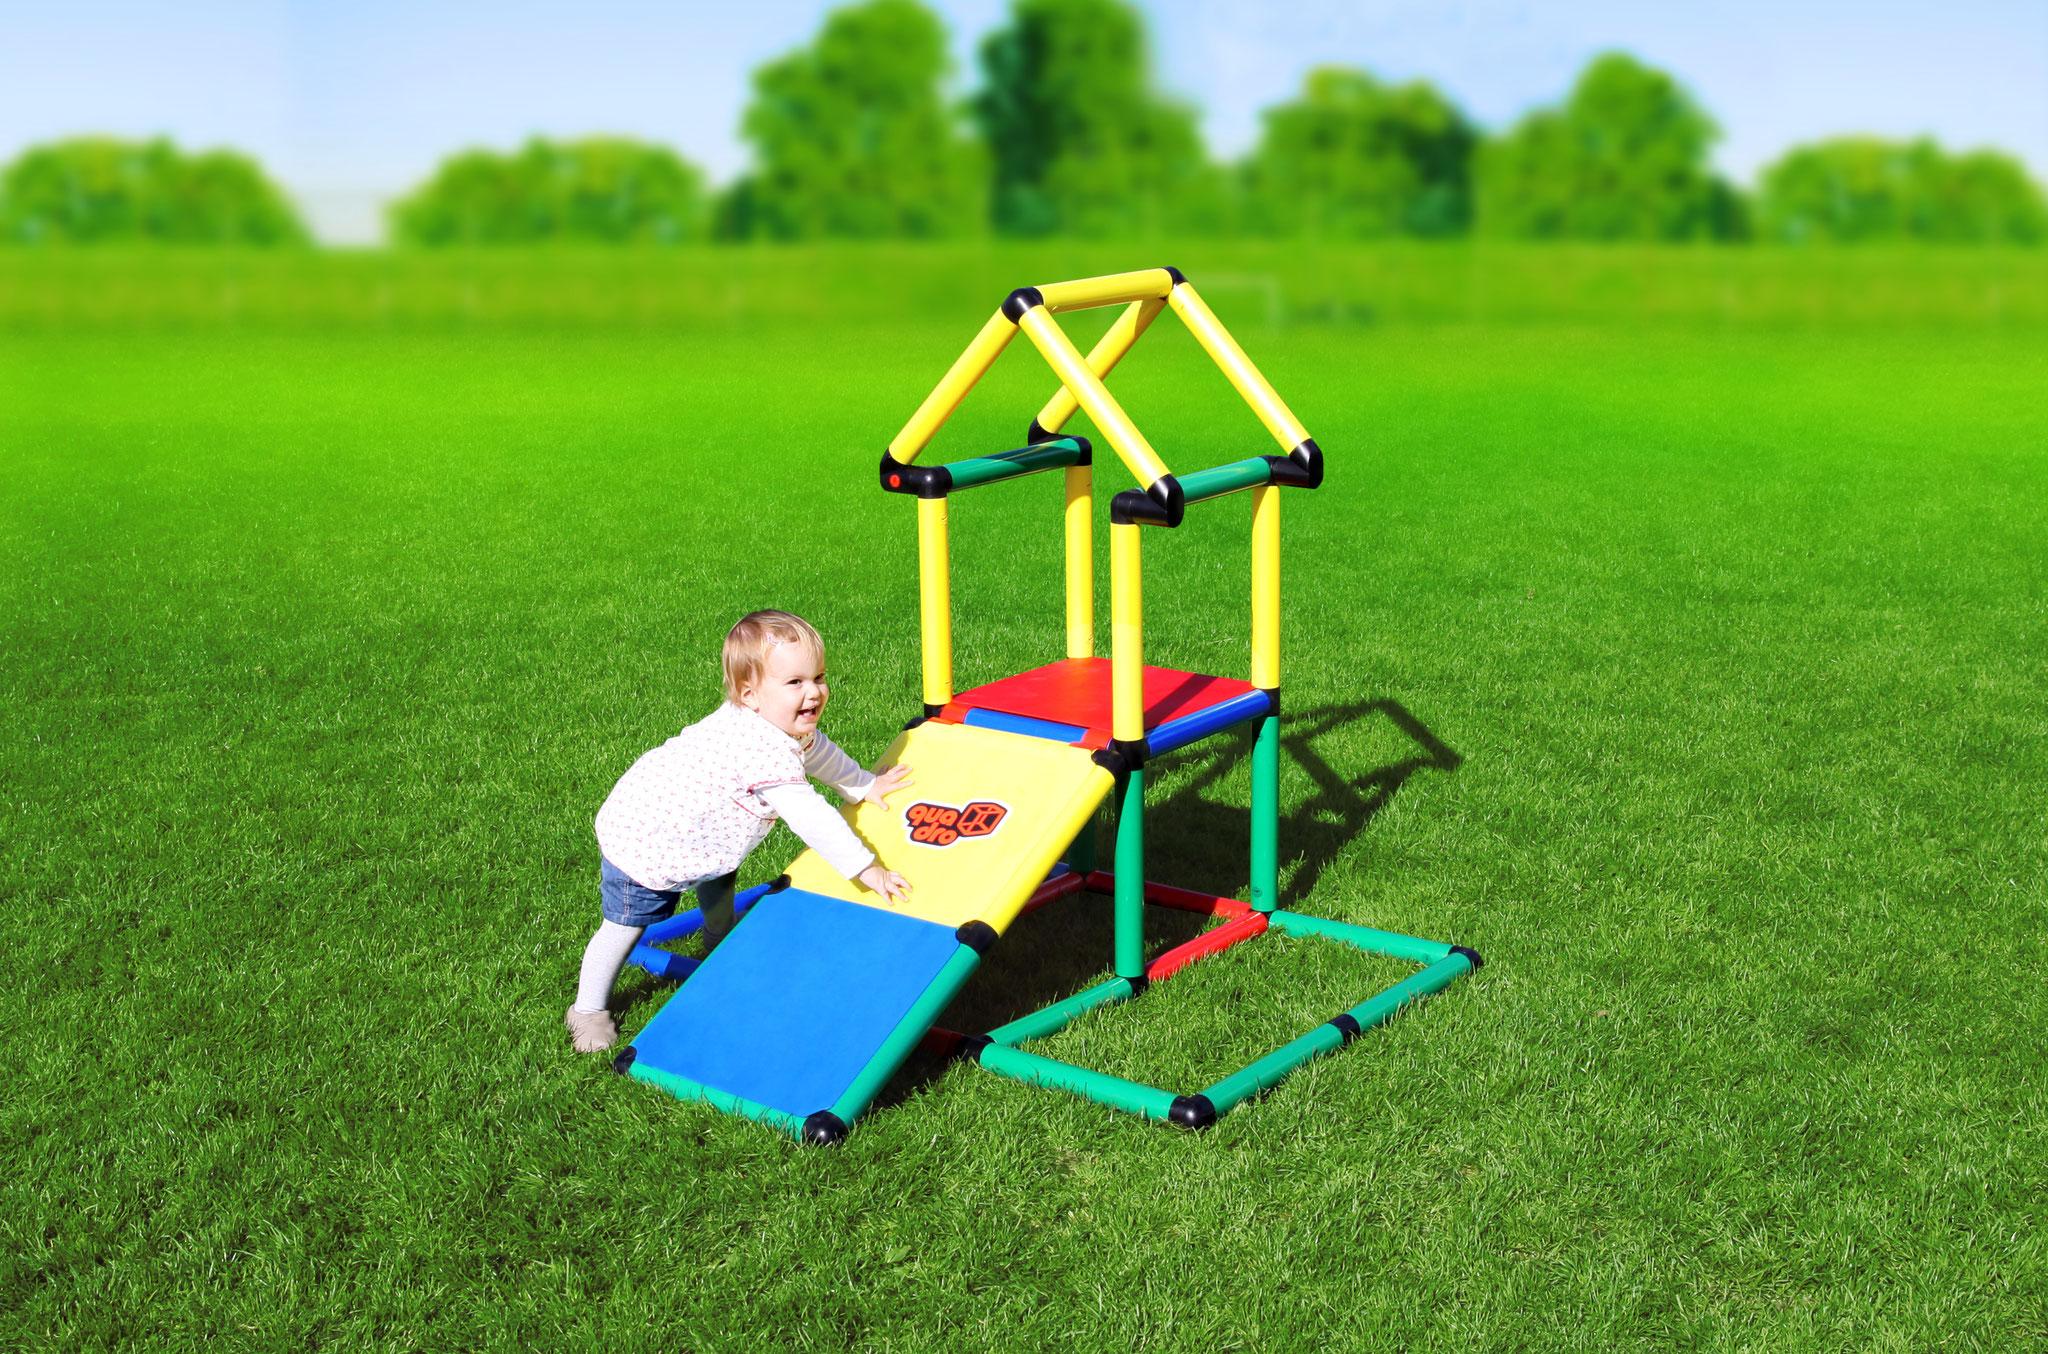 Quadro Klettergerüst Xxl : Youngster quadro der grossbaukasten